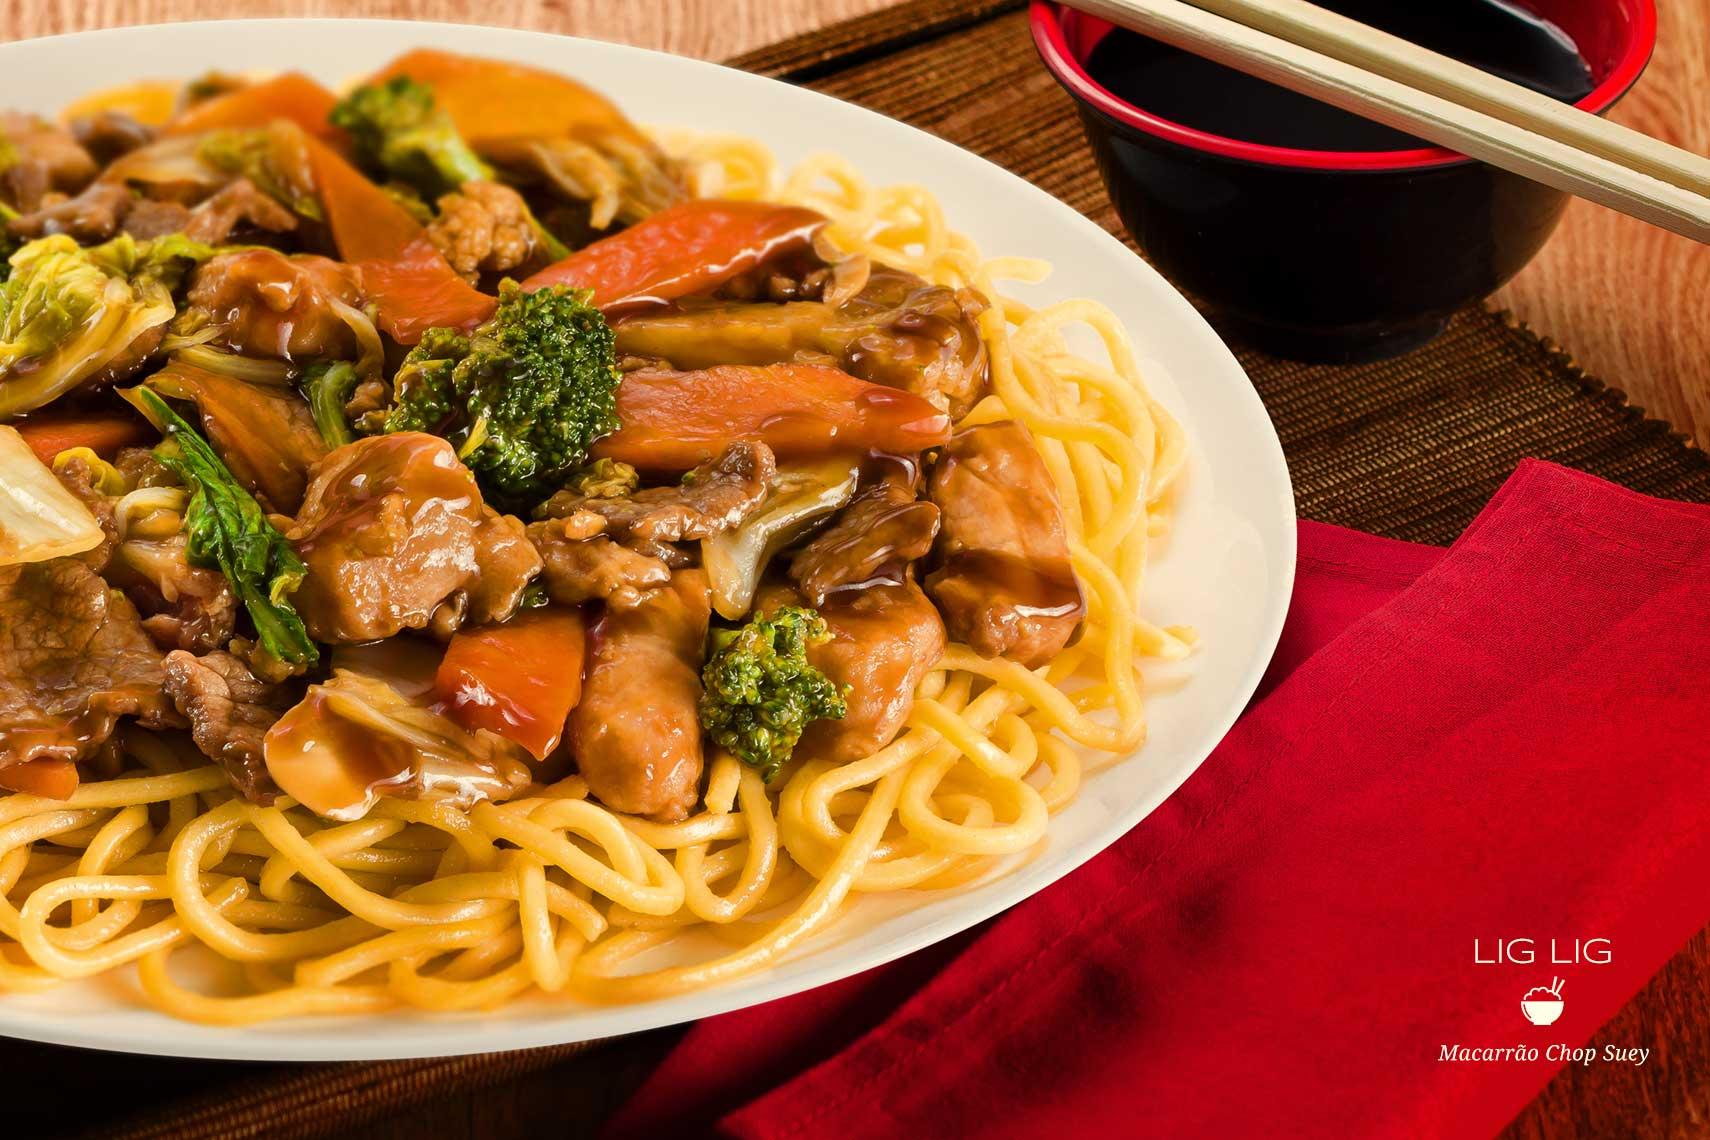 Imagem produzida para uma Rede de Comida Chinesa com mais de 35 franquias